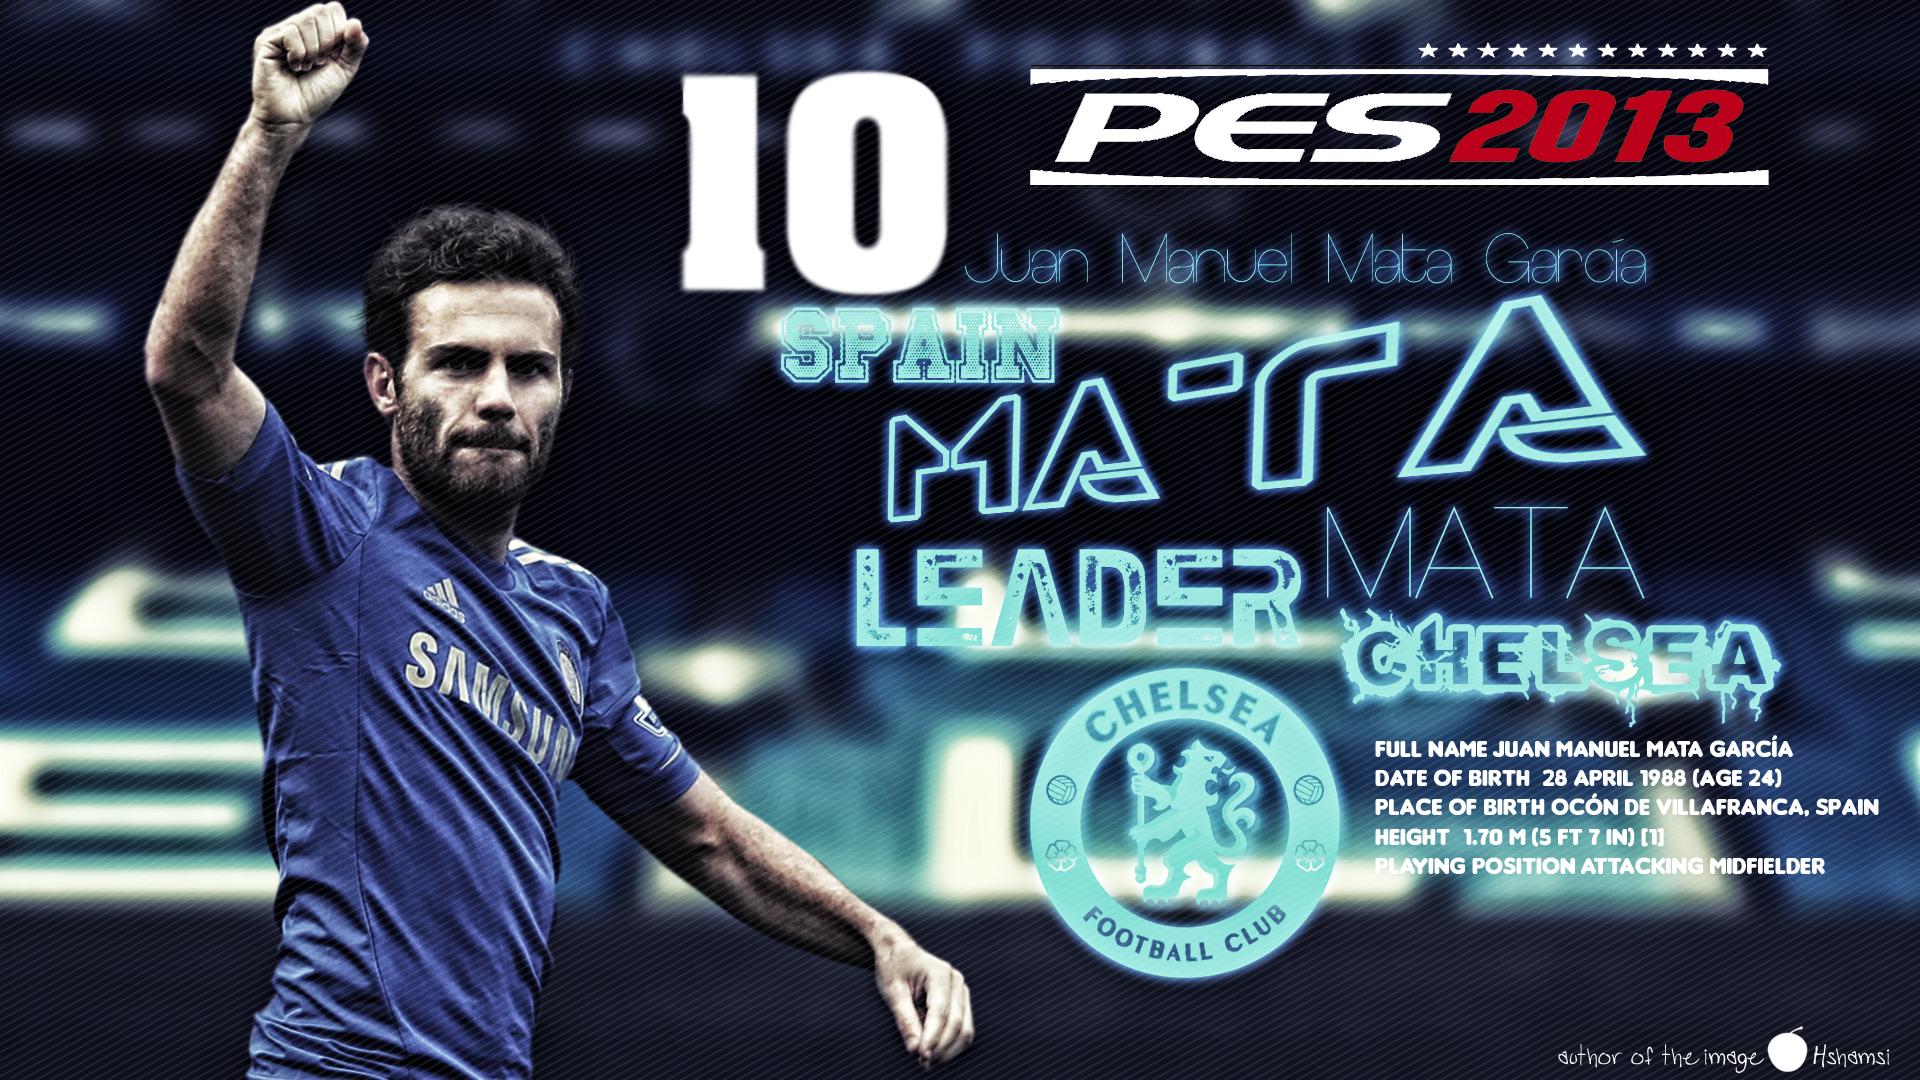 Chelsea Start Screen PES 2013 13-14